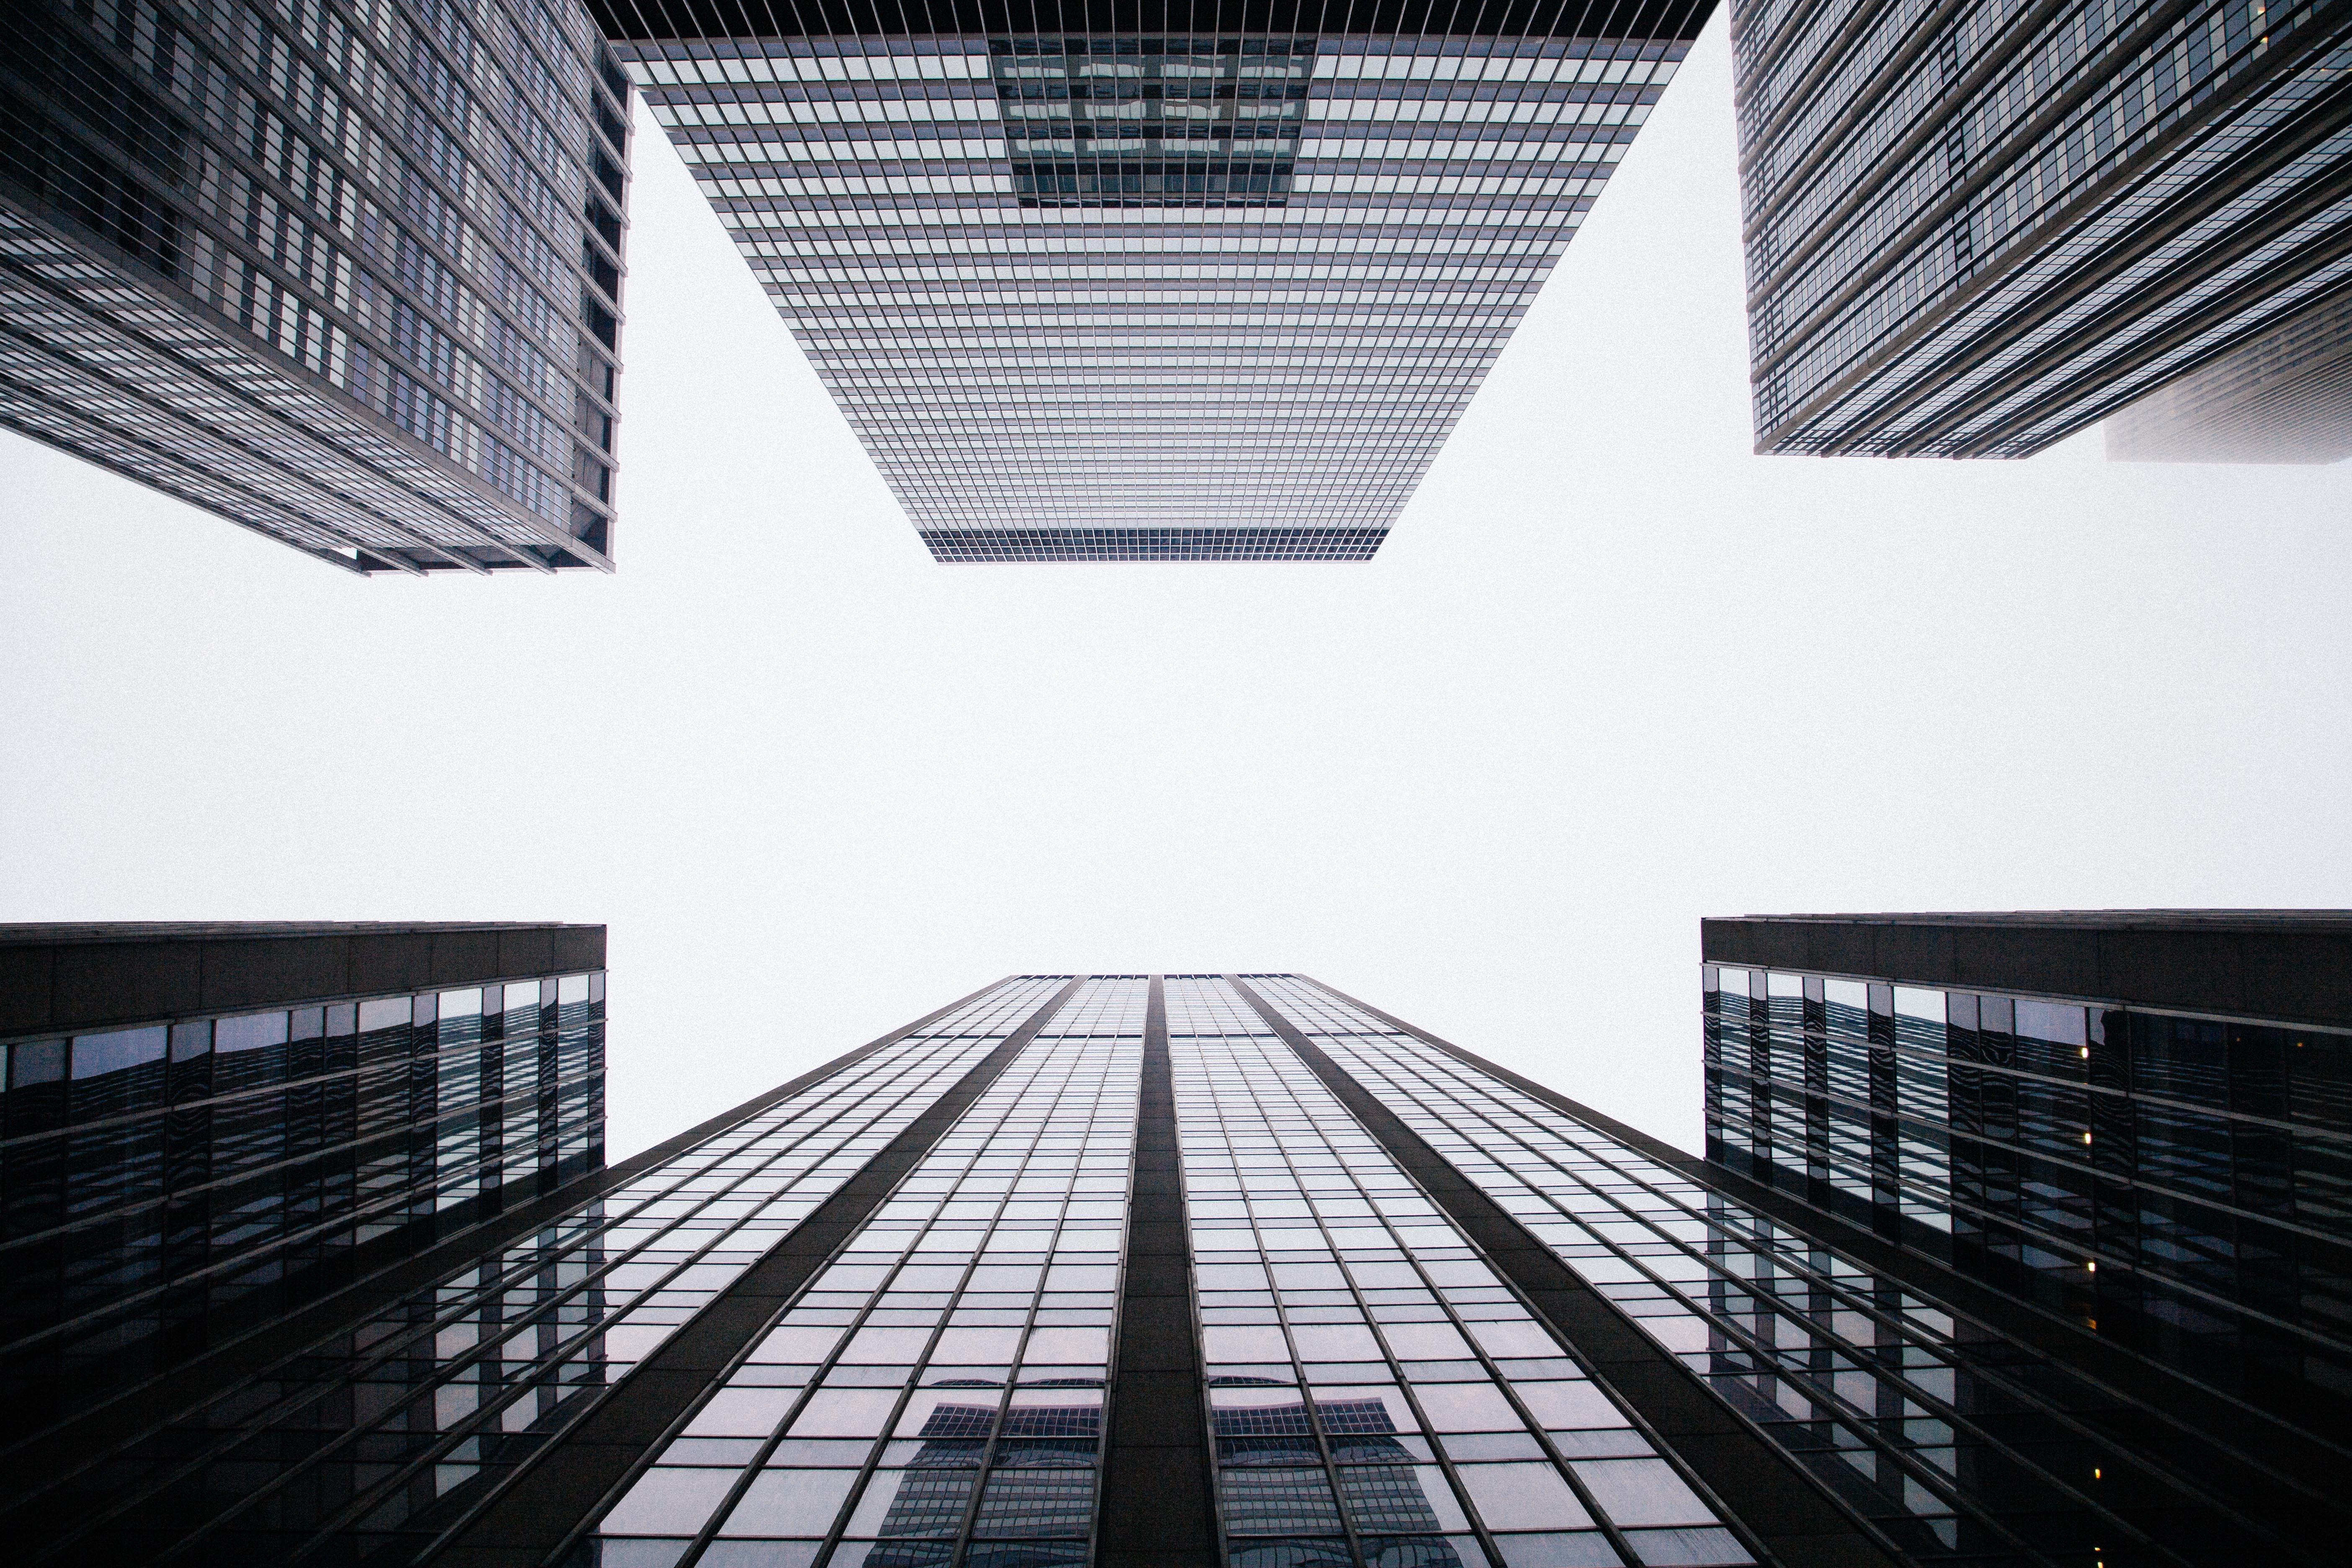 SimplyBiz Appoints Hoxton Capital Management to Pension Transfer Bureau